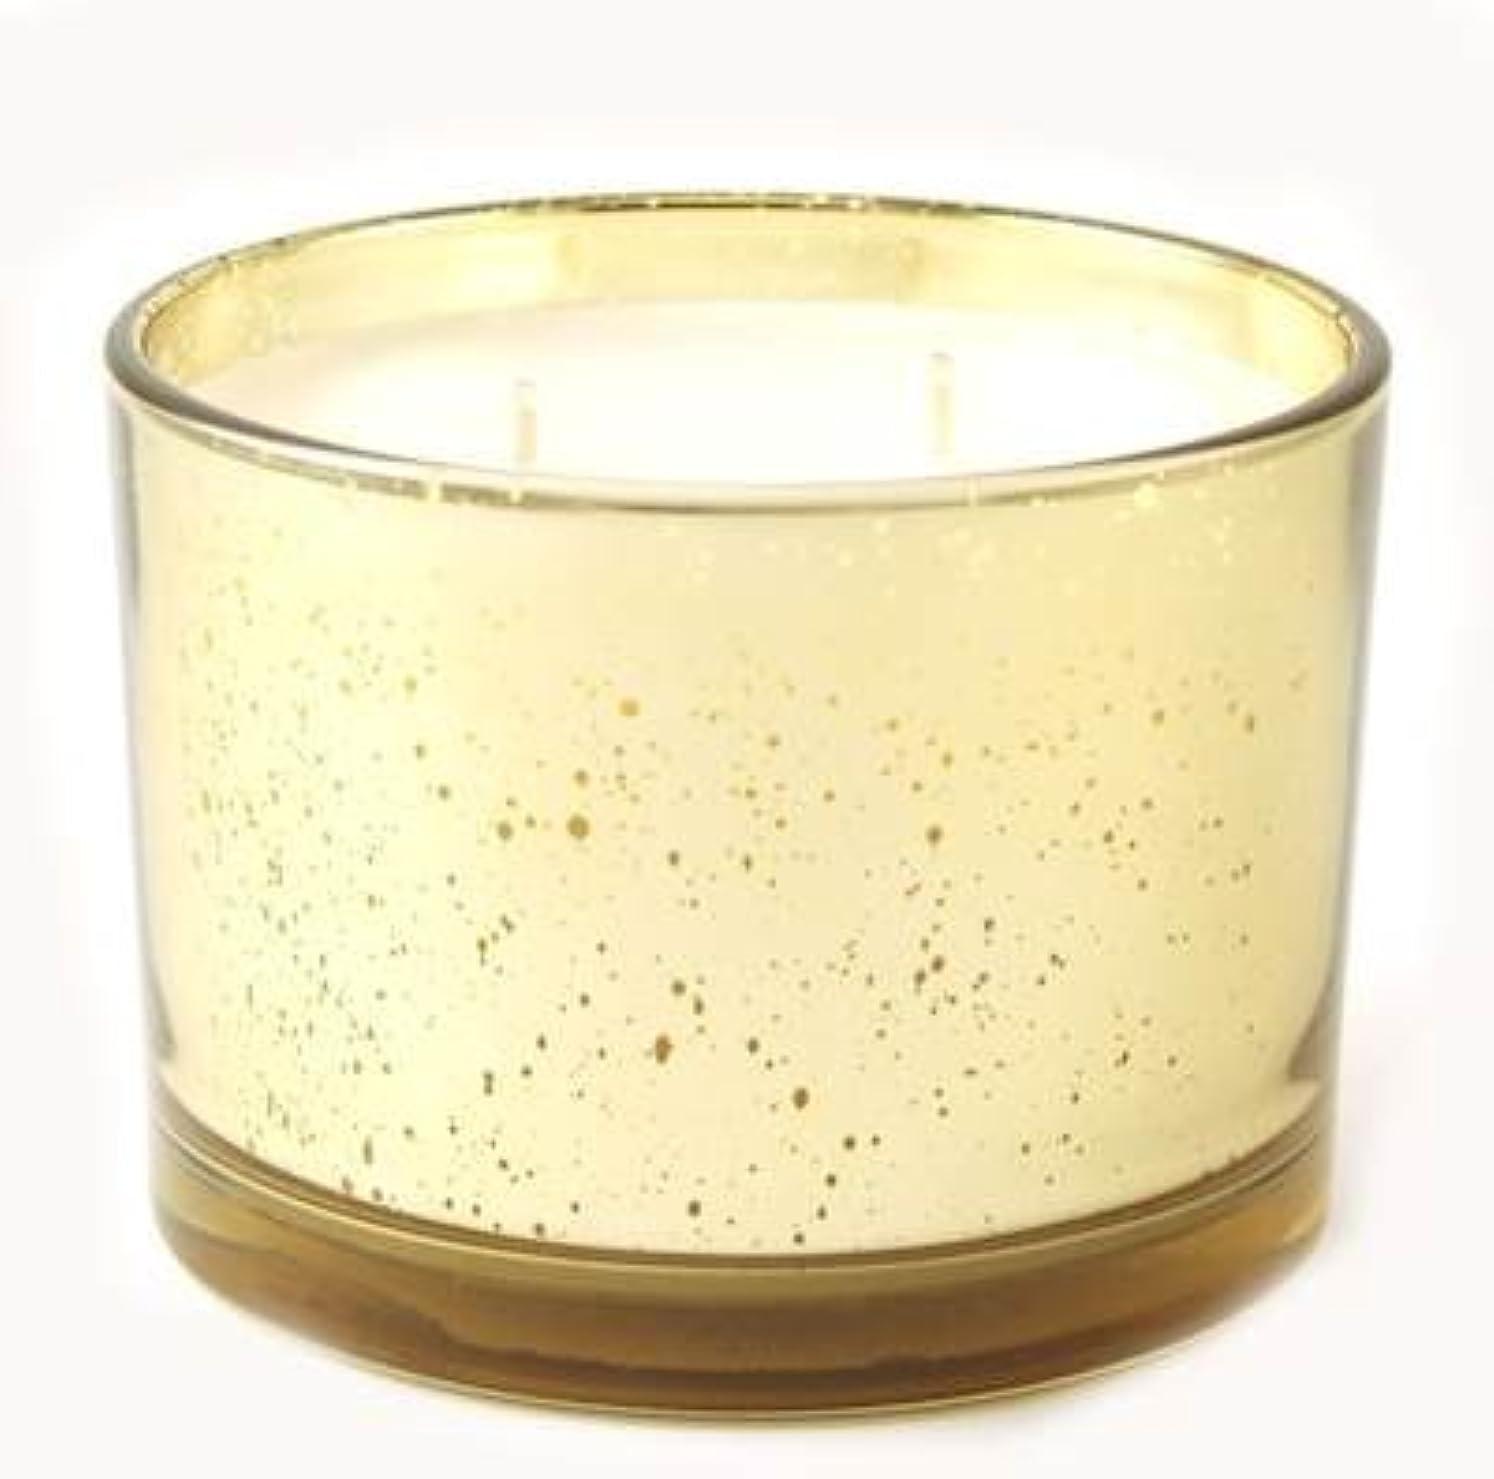 エンジニアリングバスメンタリティアイコンTyler Statureゴールドonゴールド16oz香りつきJar Candle